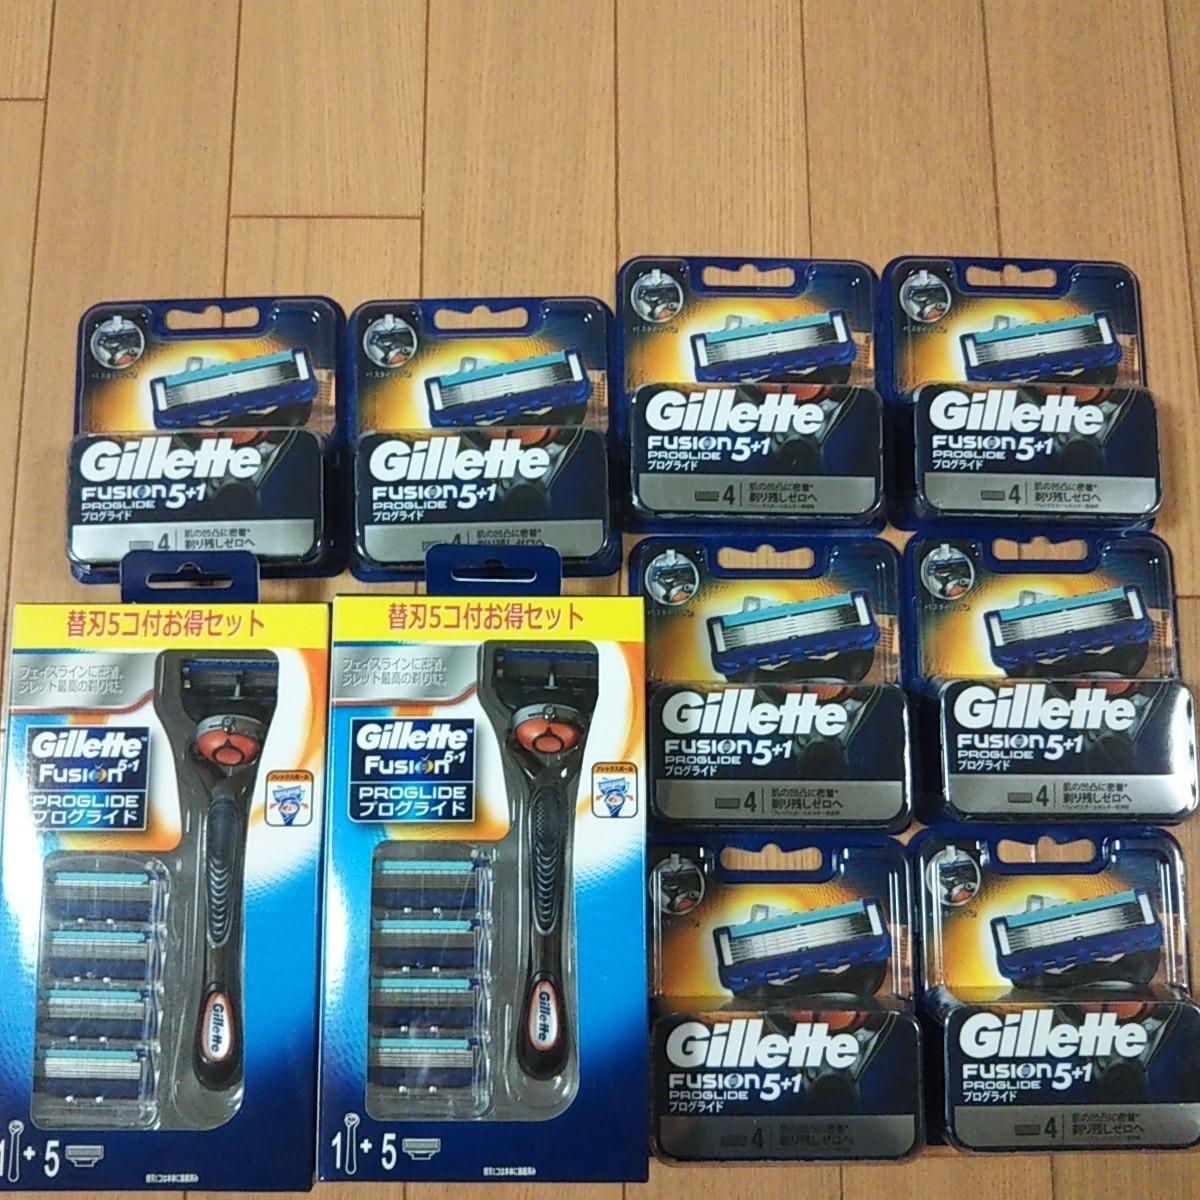 新品 Gillette Fusion5+1 プログライド 本体2個+替刃42個セット 5枚刃 ジレット フュージョン PROGLIDE